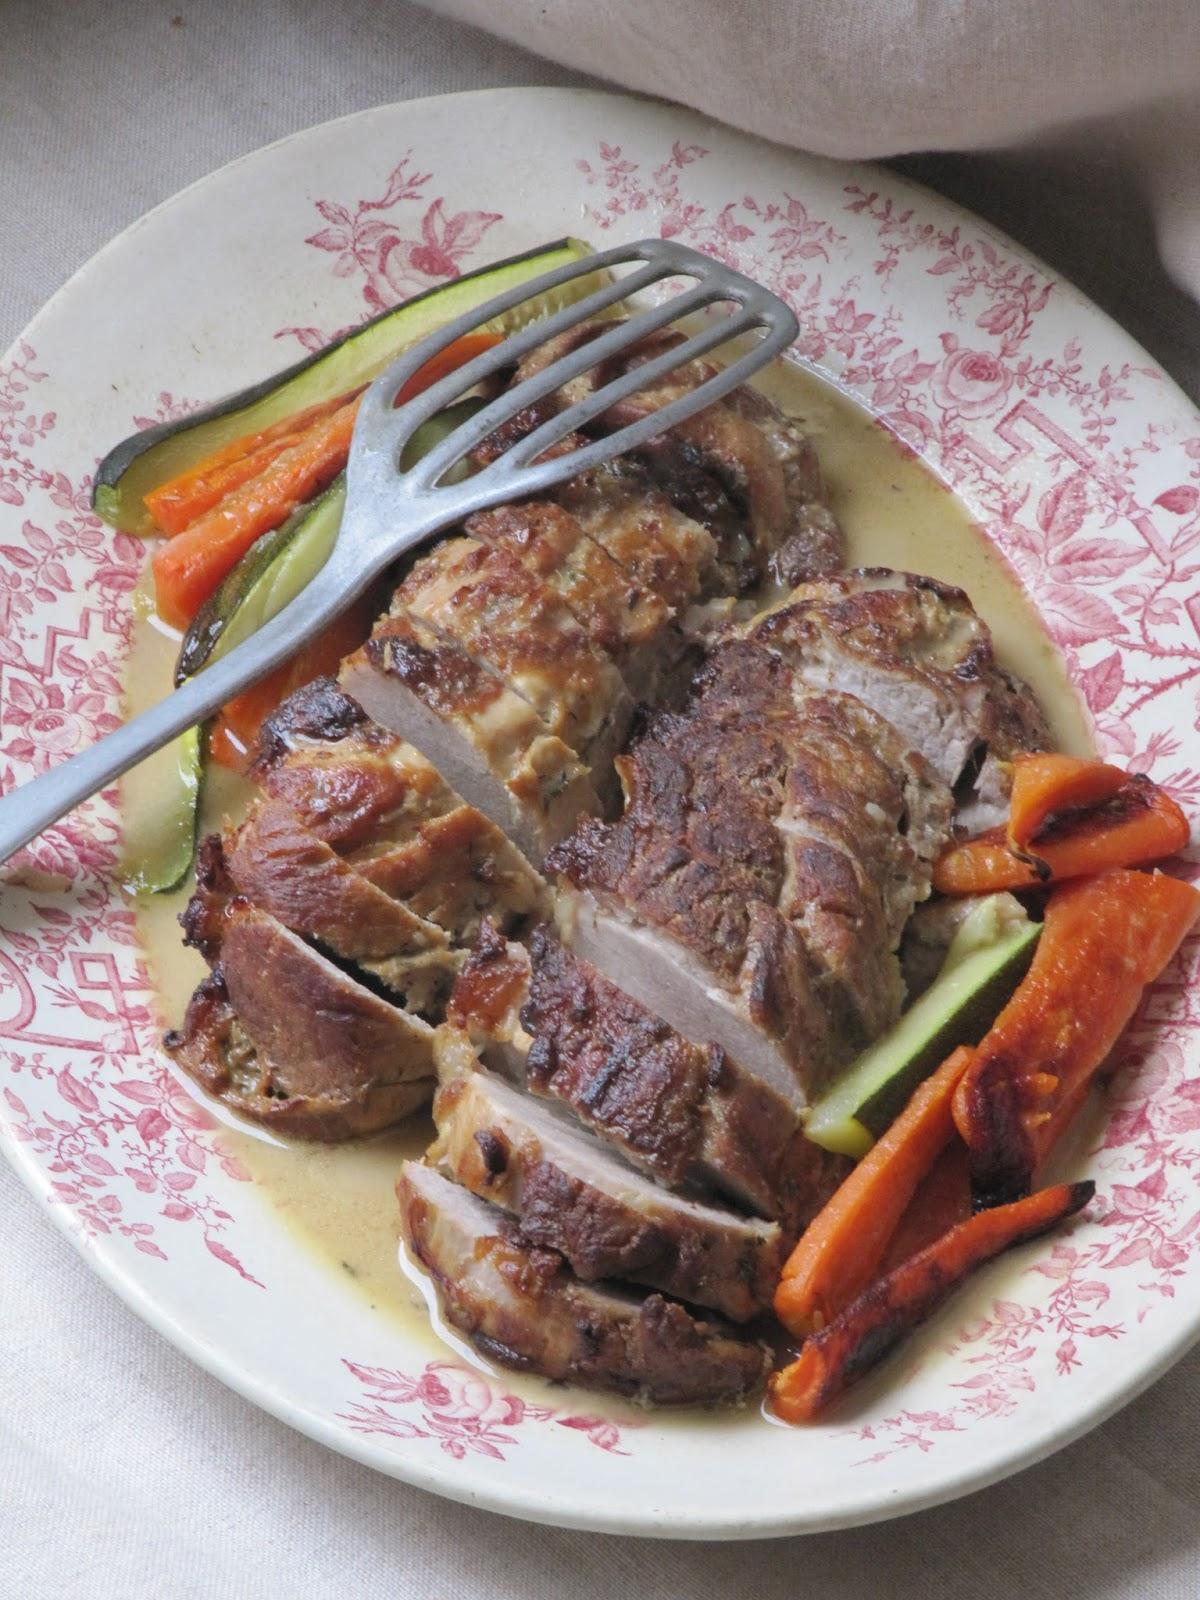 Filet mignon de porc au lait blogs de cuisine - Cuisine filet mignon de porc ...